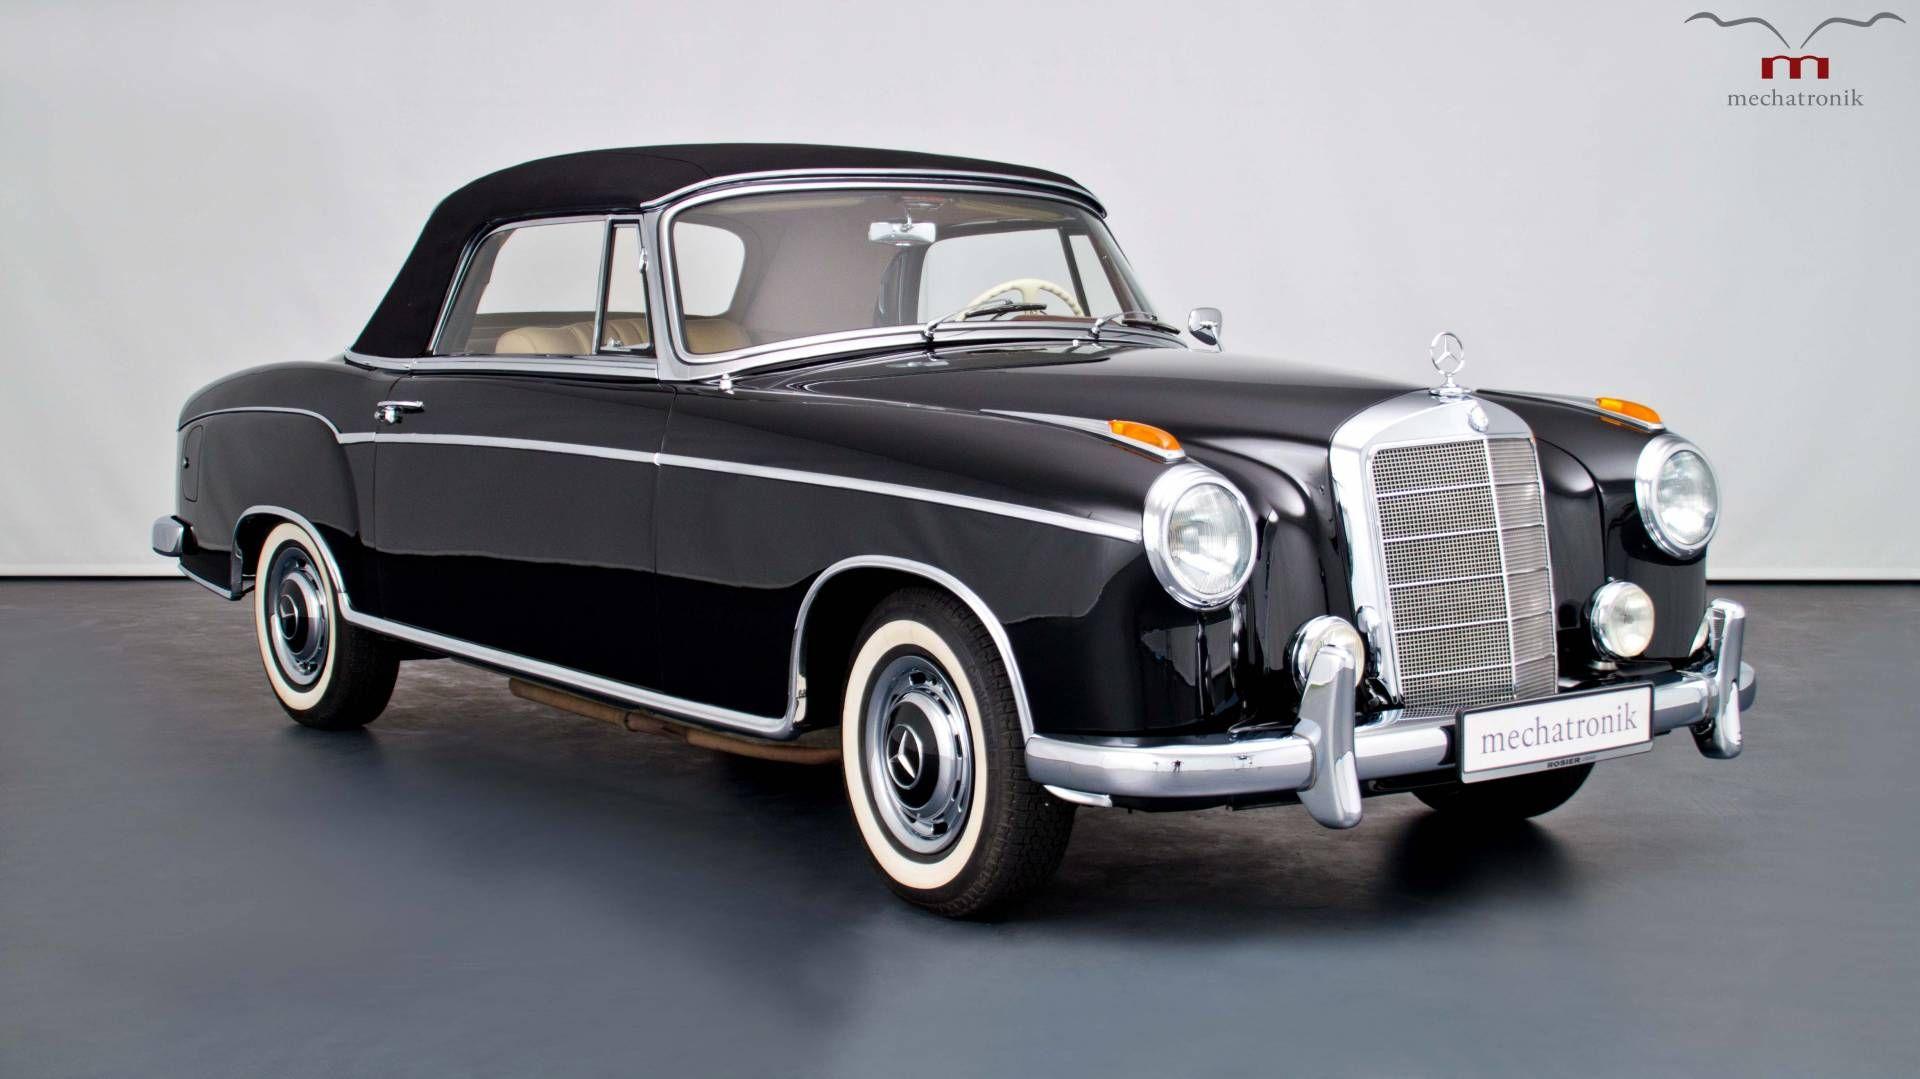 Mercedes-Benz 220 SE Cabriolet A/C - | Classic Car | Pinterest ...